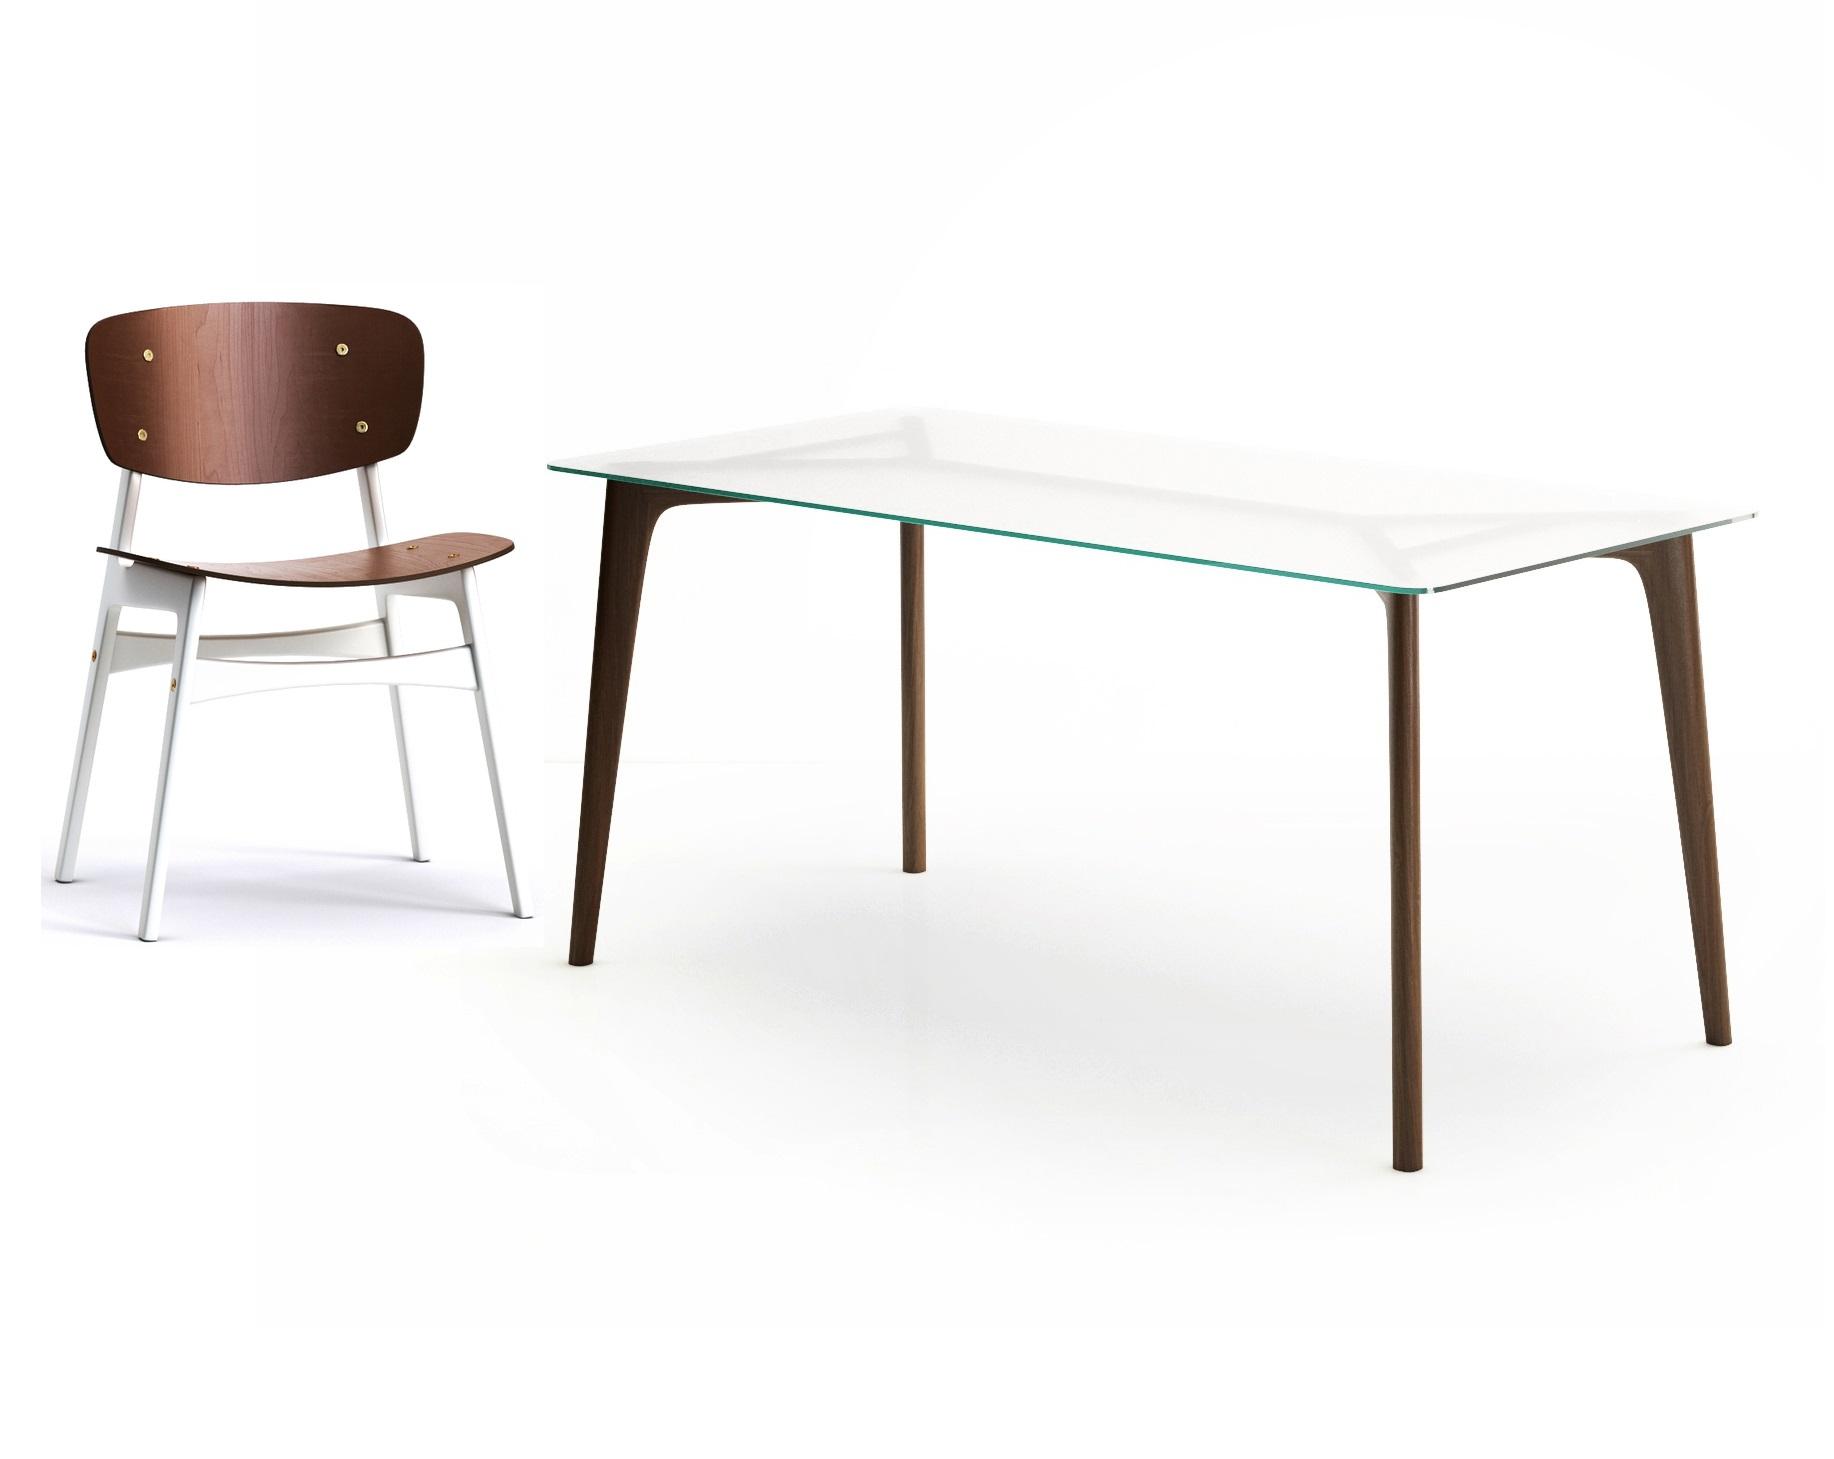 Обеденная группа FLOYD (стол + 6 стульев)Комплекты для столовой<br>&amp;lt;div&amp;gt;Обеденный стол, объединяет в себе простоту, комфорт и индивидуальность.&amp;amp;nbsp;&amp;lt;span style=&amp;quot;font-size: 14px;&amp;quot;&amp;gt;Столешница- матовое стекло, создающее ощущение легкости и невесомости. Размеры стола позволяют комфортно разместиться большому количеству людей. &amp;lt;/span&amp;gt;&amp;lt;span style=&amp;quot;font-size: 14px;&amp;quot;&amp;gt;Стильный и практичный стул обрадует поклонников скандинавского дизайна. Спинка и сидение слегка изогнуты, что обеспечит полный комфорт во время трапезы.&amp;lt;/span&amp;gt;&amp;lt;/div&amp;gt;&amp;lt;div&amp;gt;&amp;lt;br&amp;gt;&amp;lt;/div&amp;gt;&amp;lt;div&amp;gt;Размеры стола:160/75/80 см&amp;lt;br&amp;gt;&amp;lt;/div&amp;gt;&amp;lt;div&amp;gt;Материал стола: Стекло&amp;lt;br&amp;gt;&amp;lt;/div&amp;gt;&amp;lt;div&amp;gt;Размеры стула:54/46/78 см&amp;lt;br&amp;gt;&amp;lt;/div&amp;gt;&amp;lt;div&amp;gt;Материал стула: Дерево&amp;lt;/div&amp;gt;&amp;lt;div&amp;gt;&amp;lt;span style=&amp;quot;font-size: 14px;&amp;quot;&amp;gt;Возможность изготовления комплекта в других цветах и с разным материалом каркаса&amp;lt;/span&amp;gt;&amp;lt;br&amp;gt;&amp;lt;/div&amp;gt;<br><br>Material: Стекло<br>Ширина см: 160<br>Высота см: 80<br>Глубина см: 75